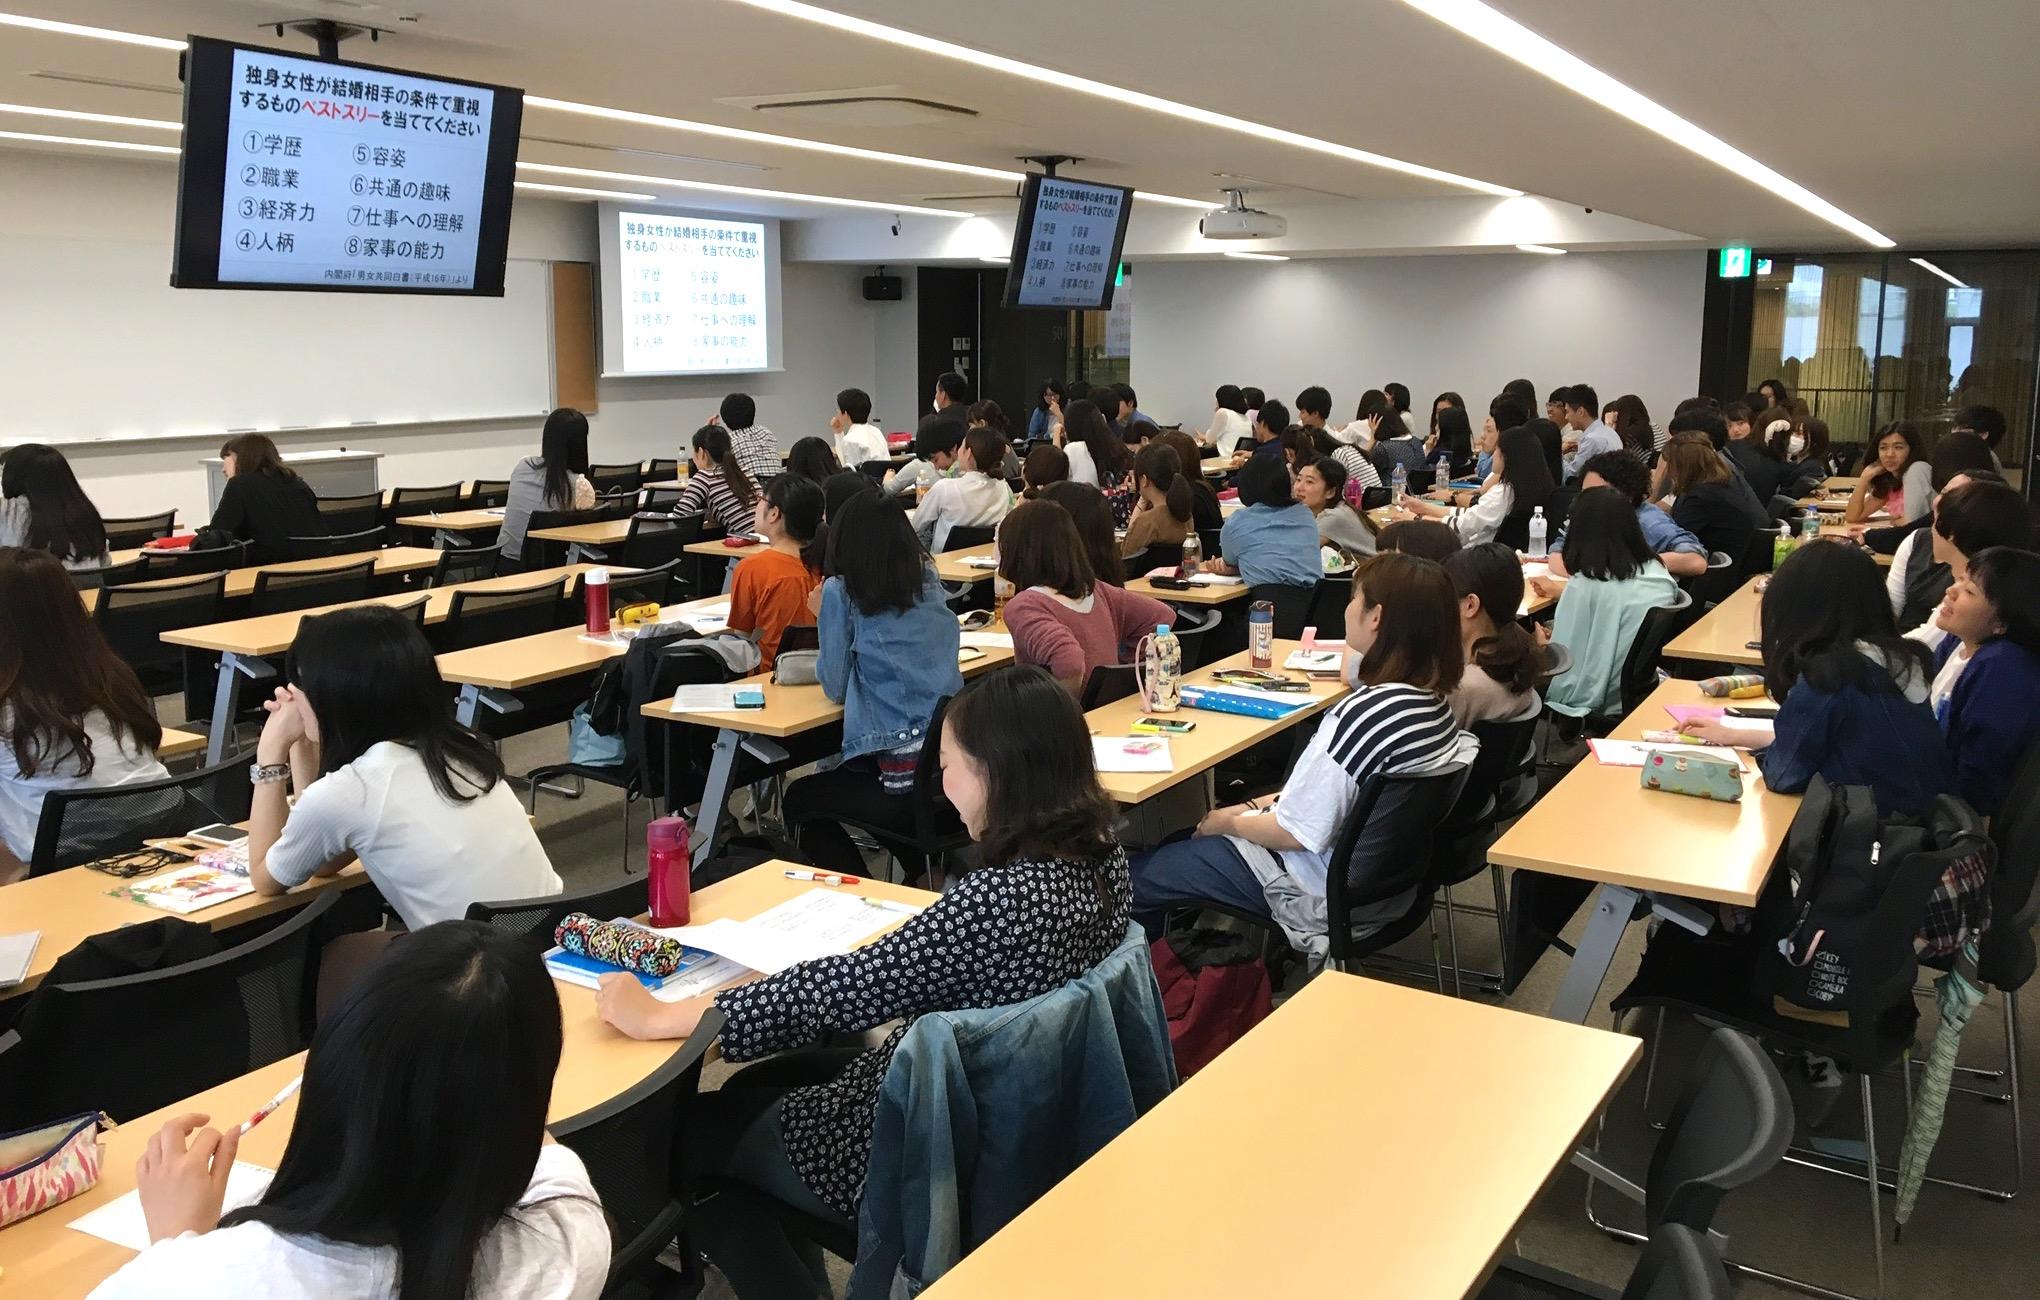 おむつの話題でオツムを変えるファザーリング授業〜上智大学「ジェンダー社会学」でゲスト講義